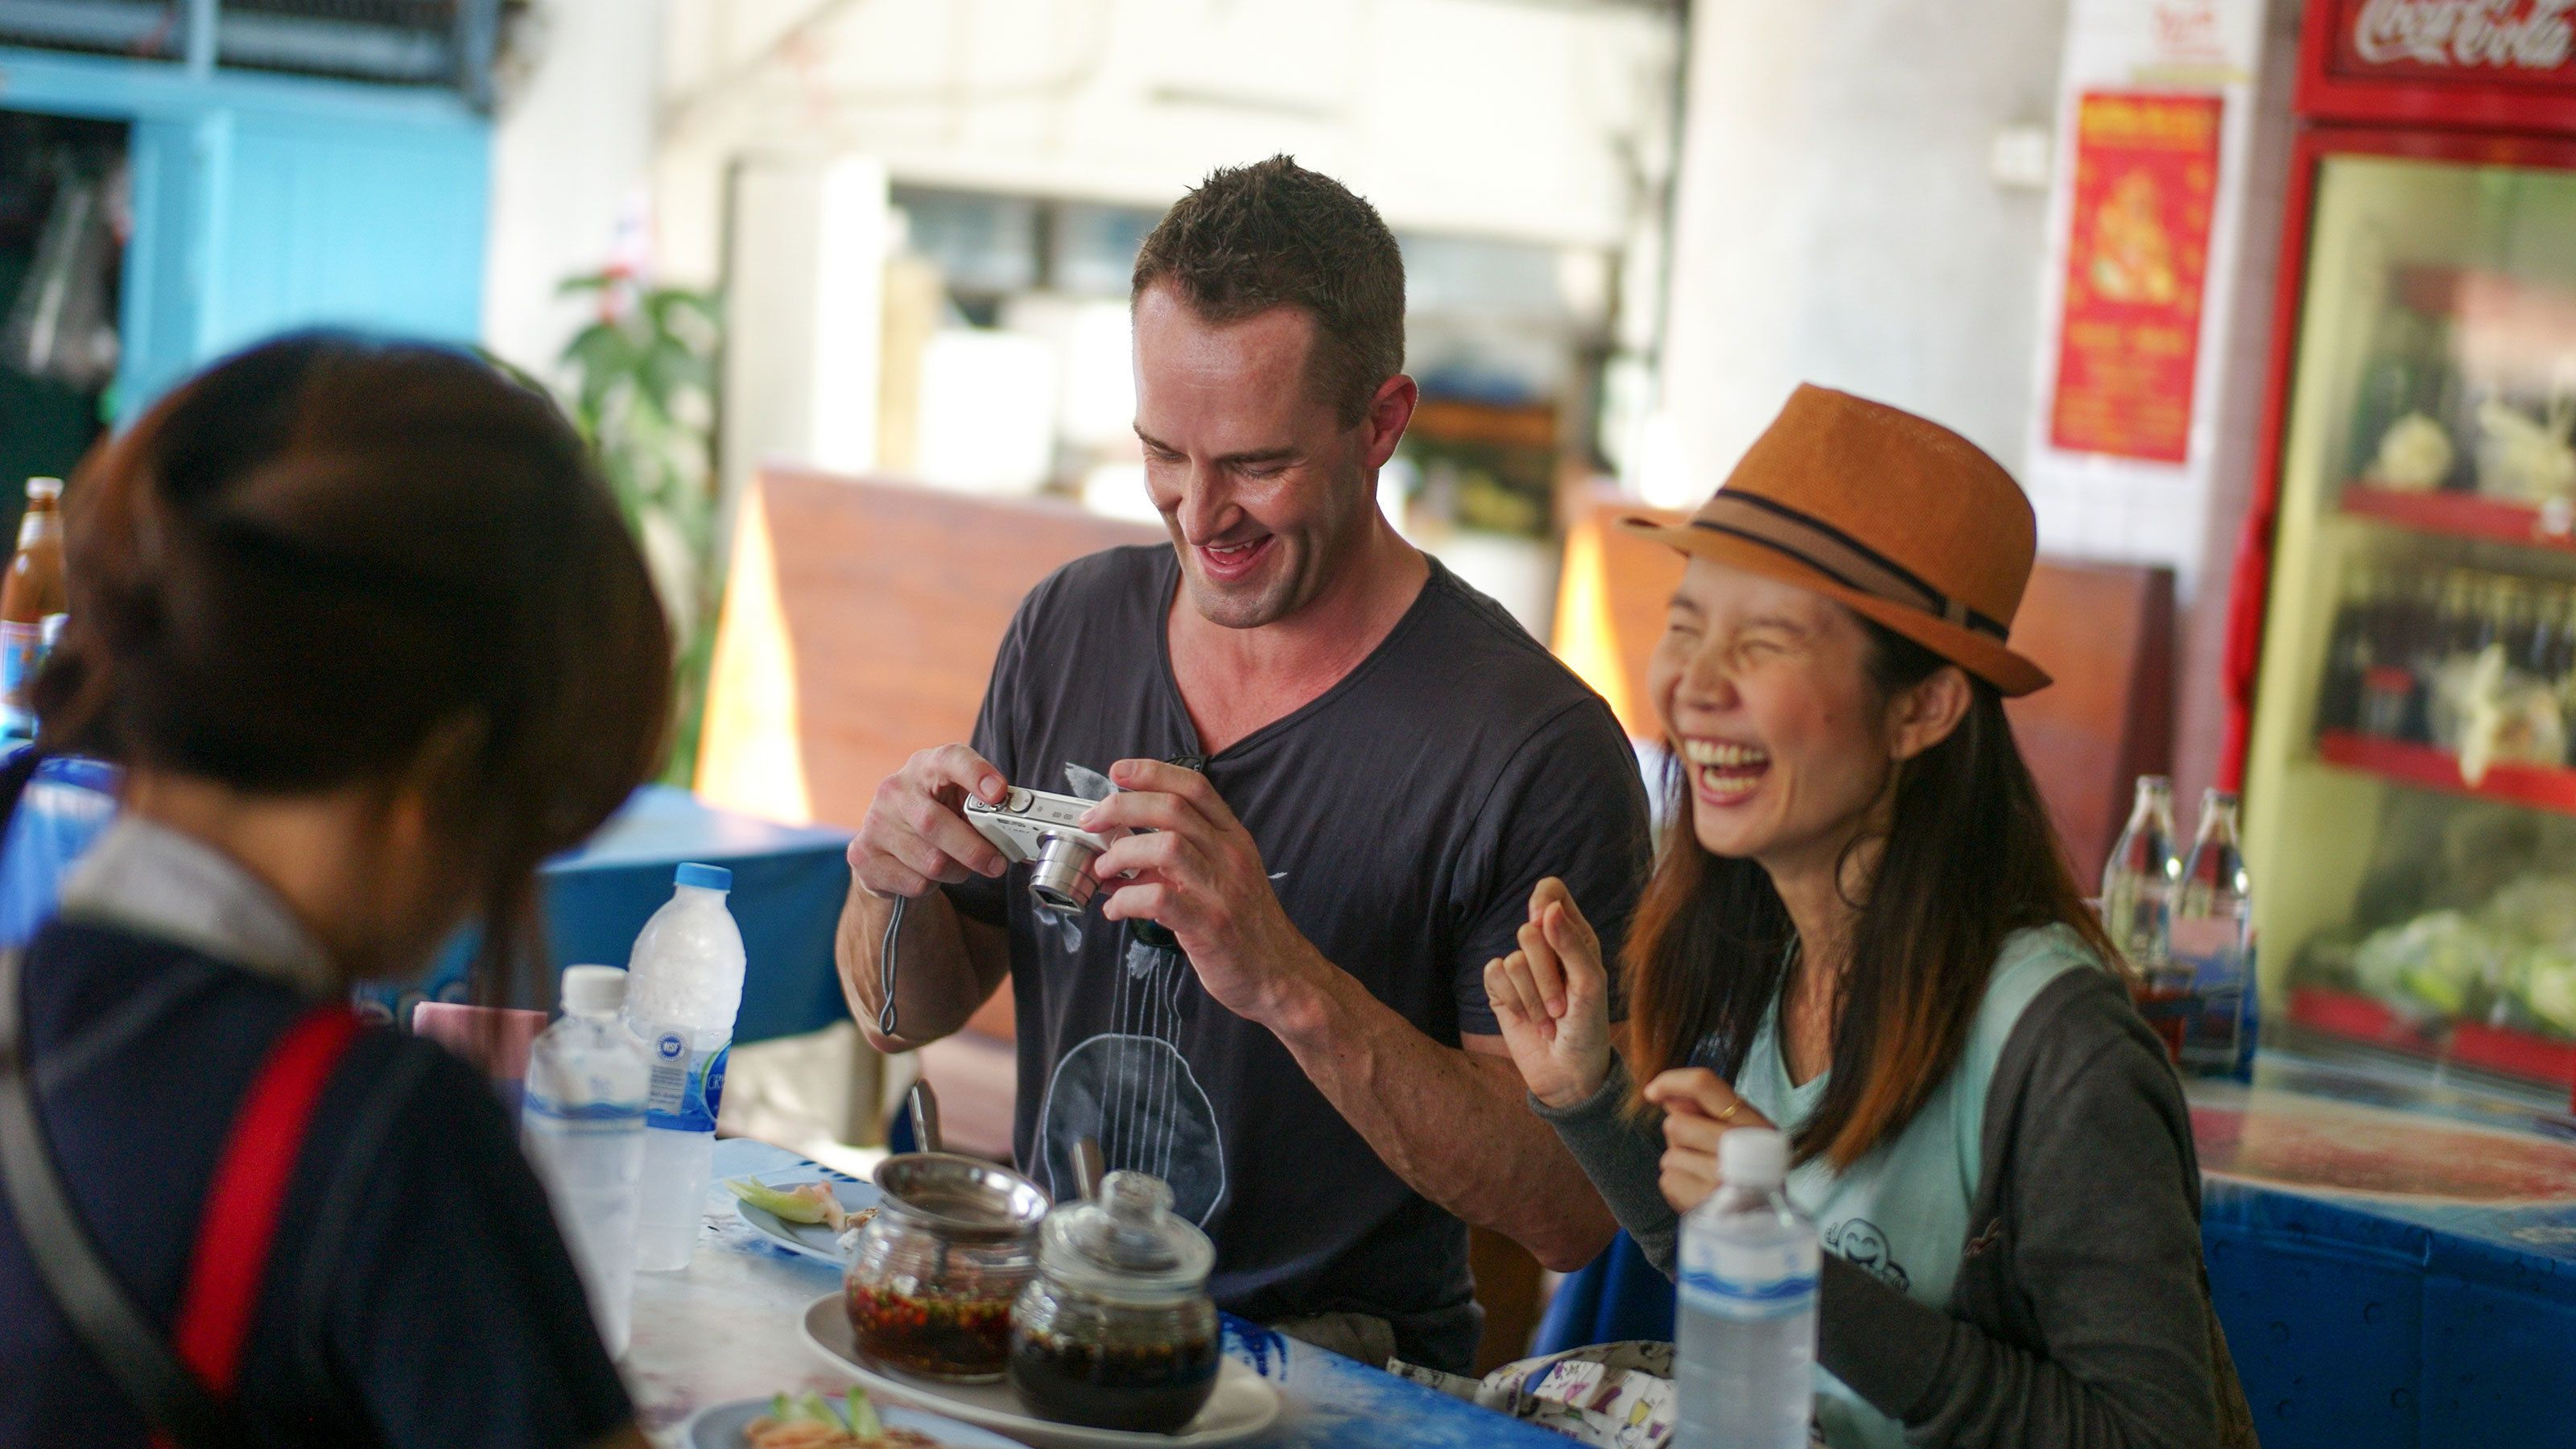 Enjoying street food in the market of Bangkok